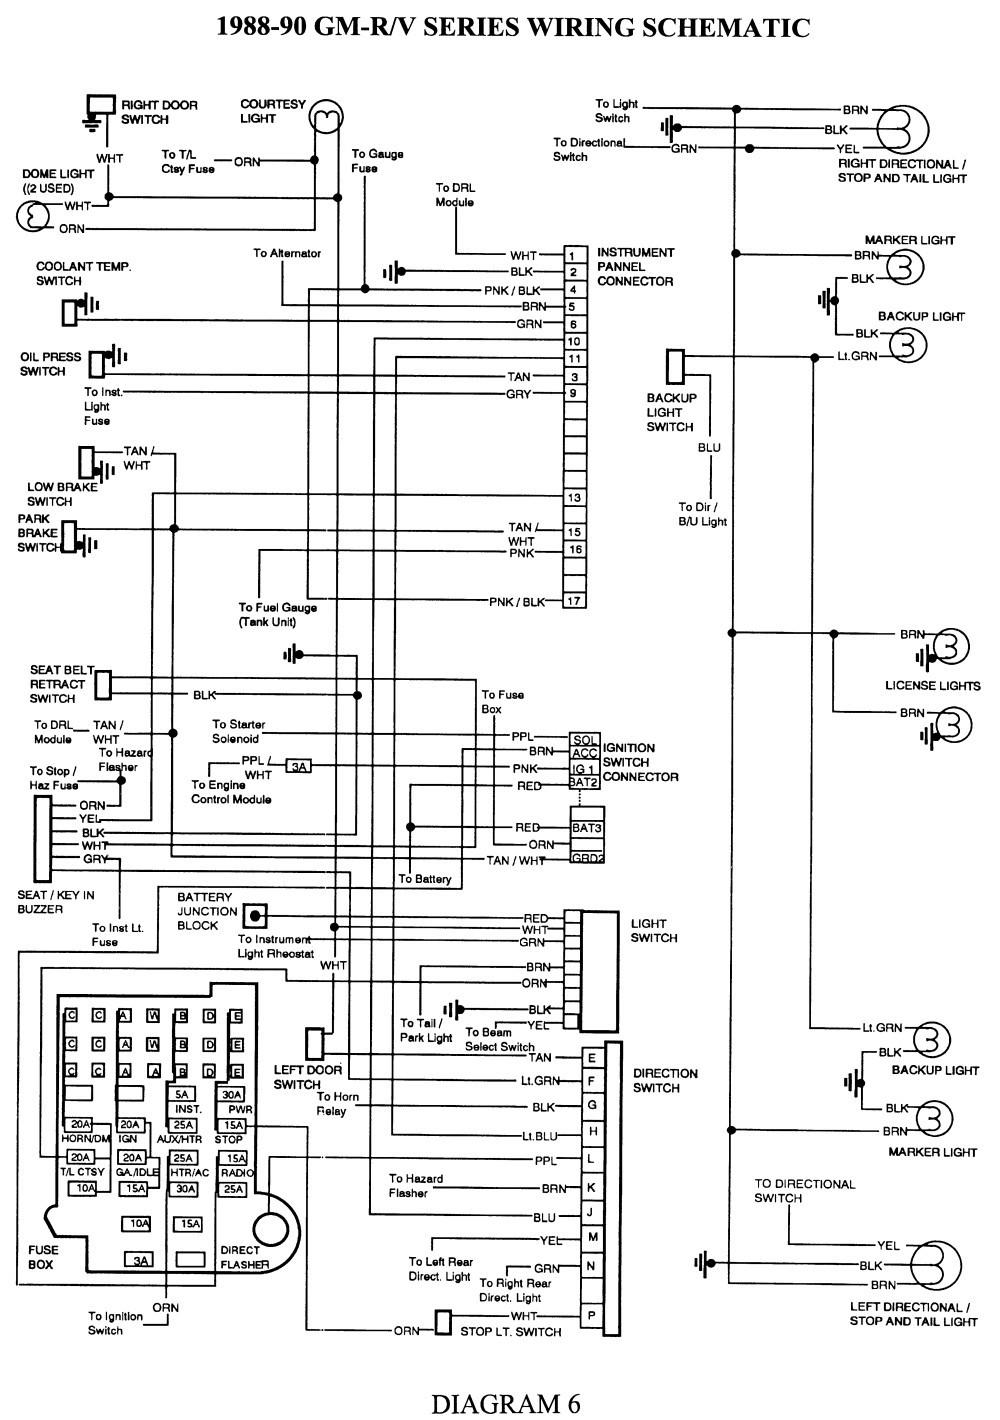 Harley Turn Signal Wiring Diagram Image Flasher Beautiful Repair Guides Diagrams